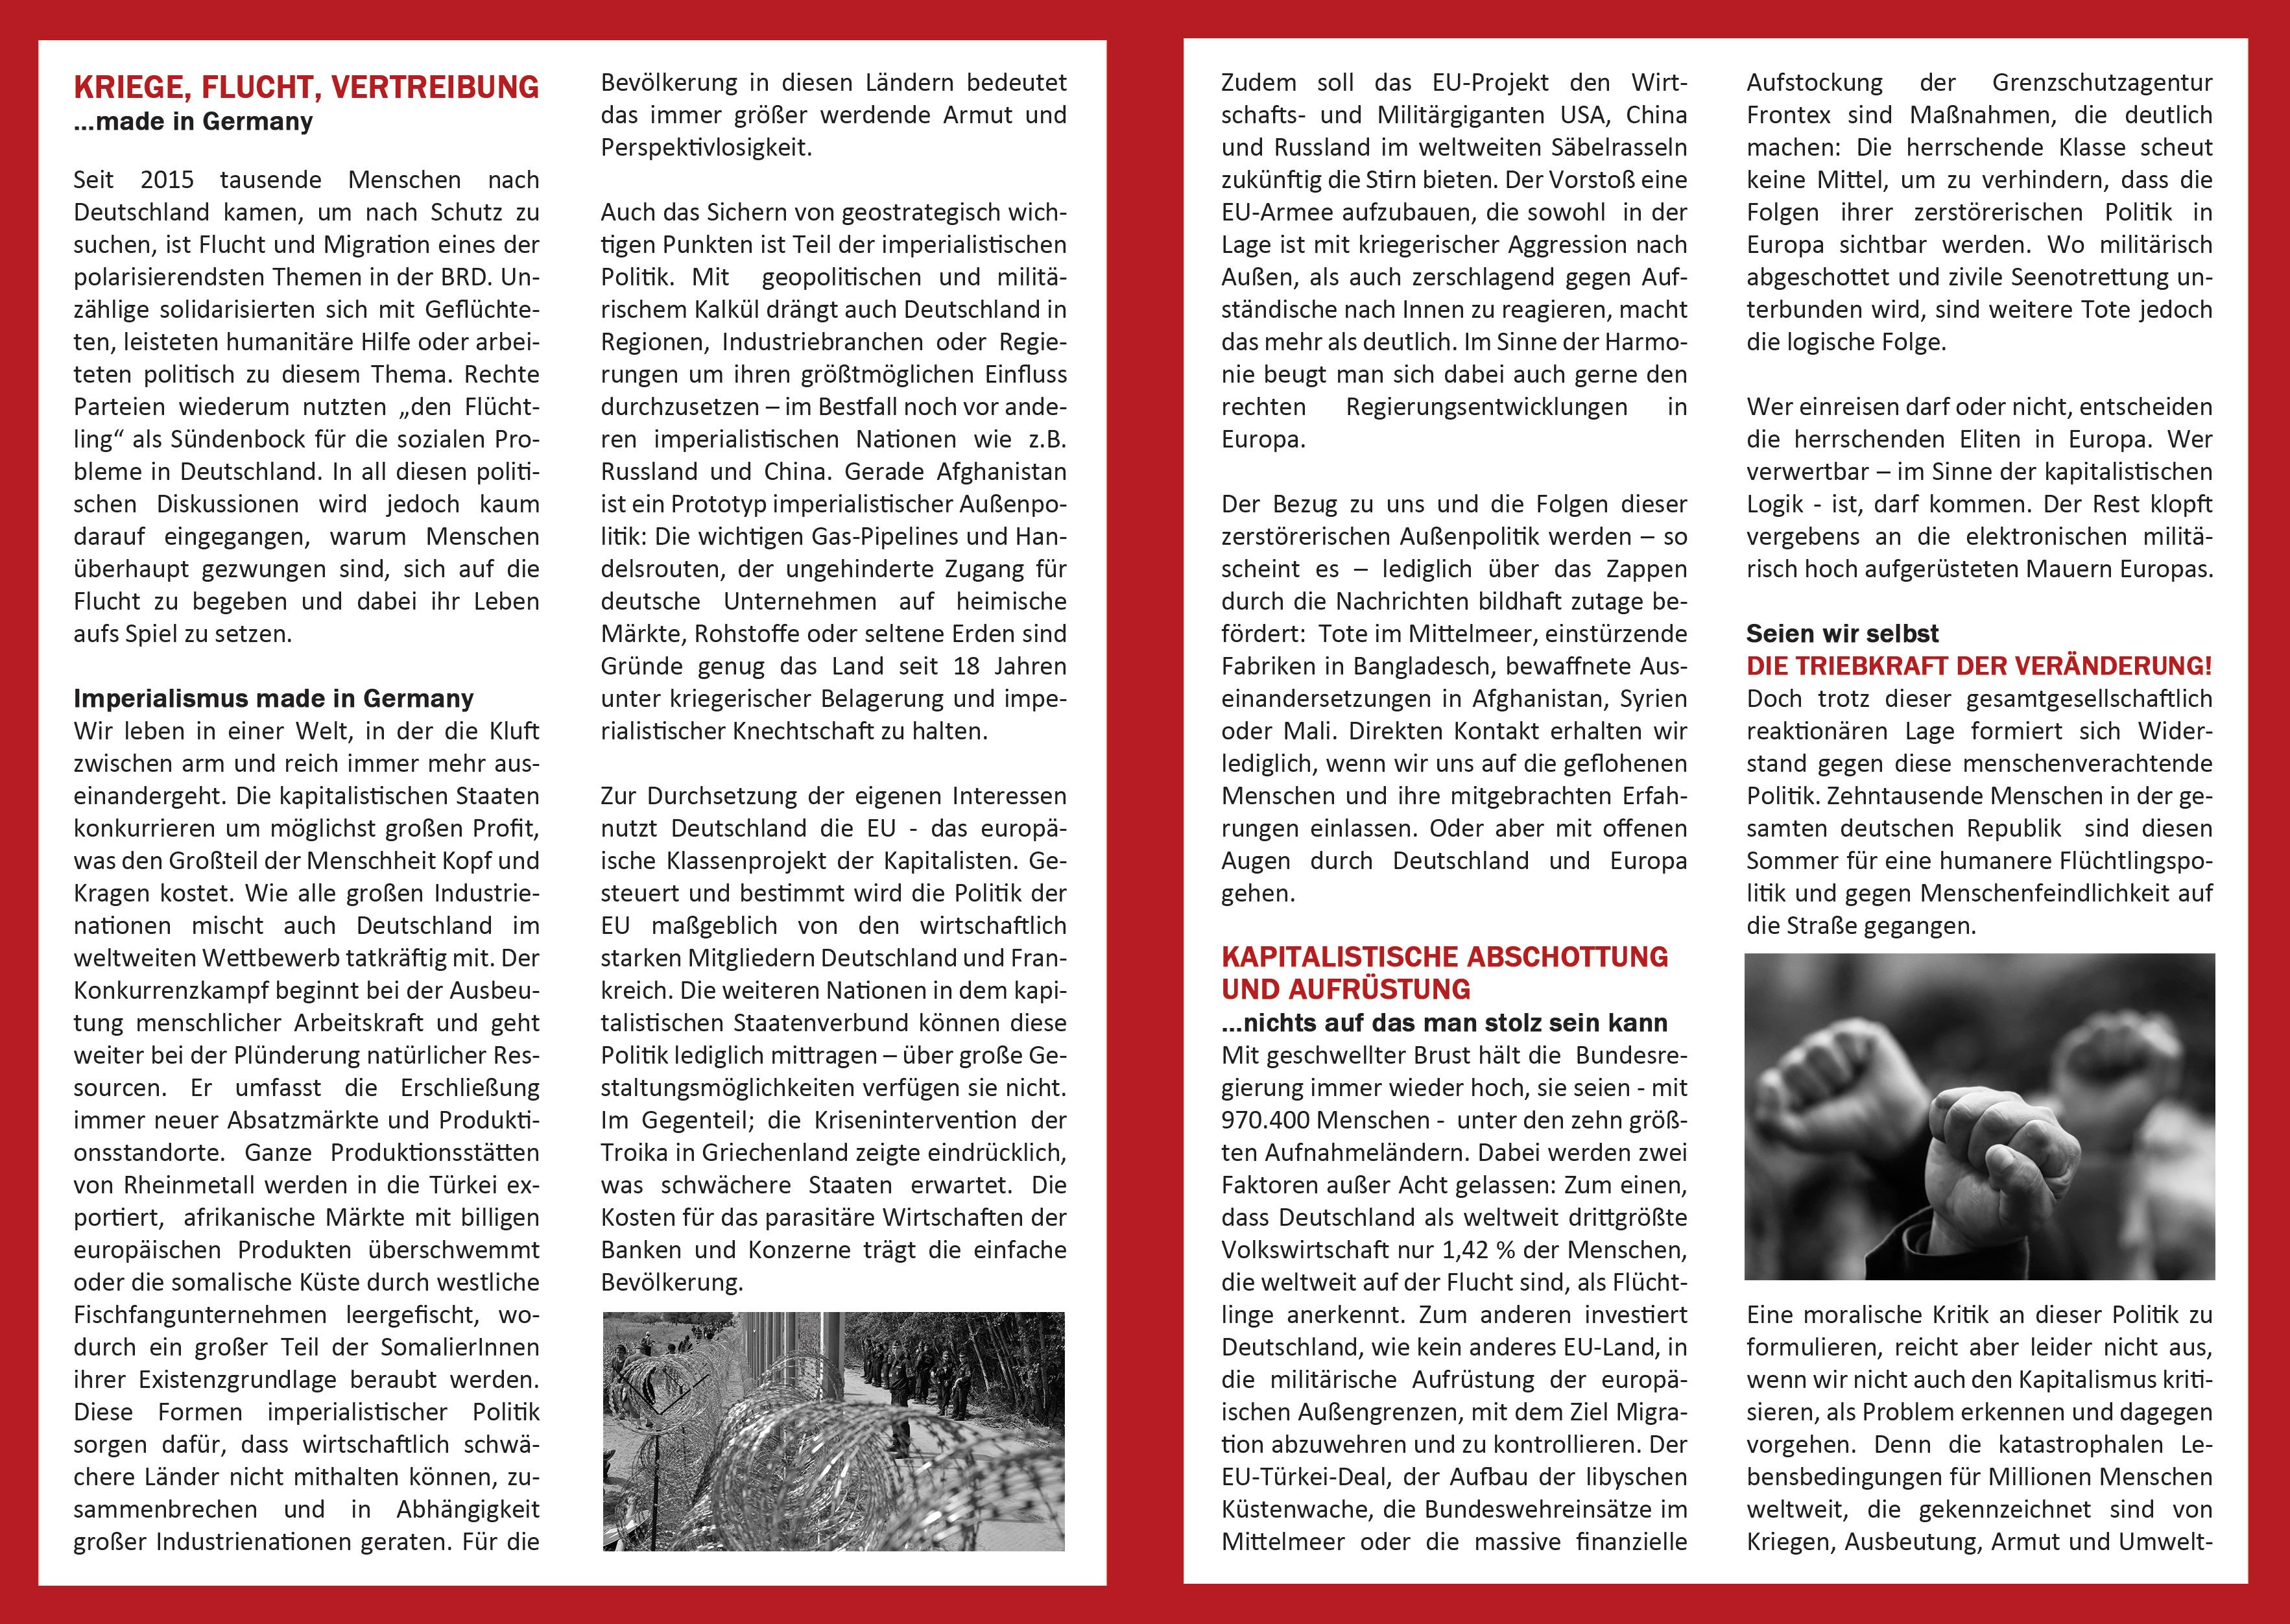 Aufruf zur Demo in Stuttgart am 15.12.